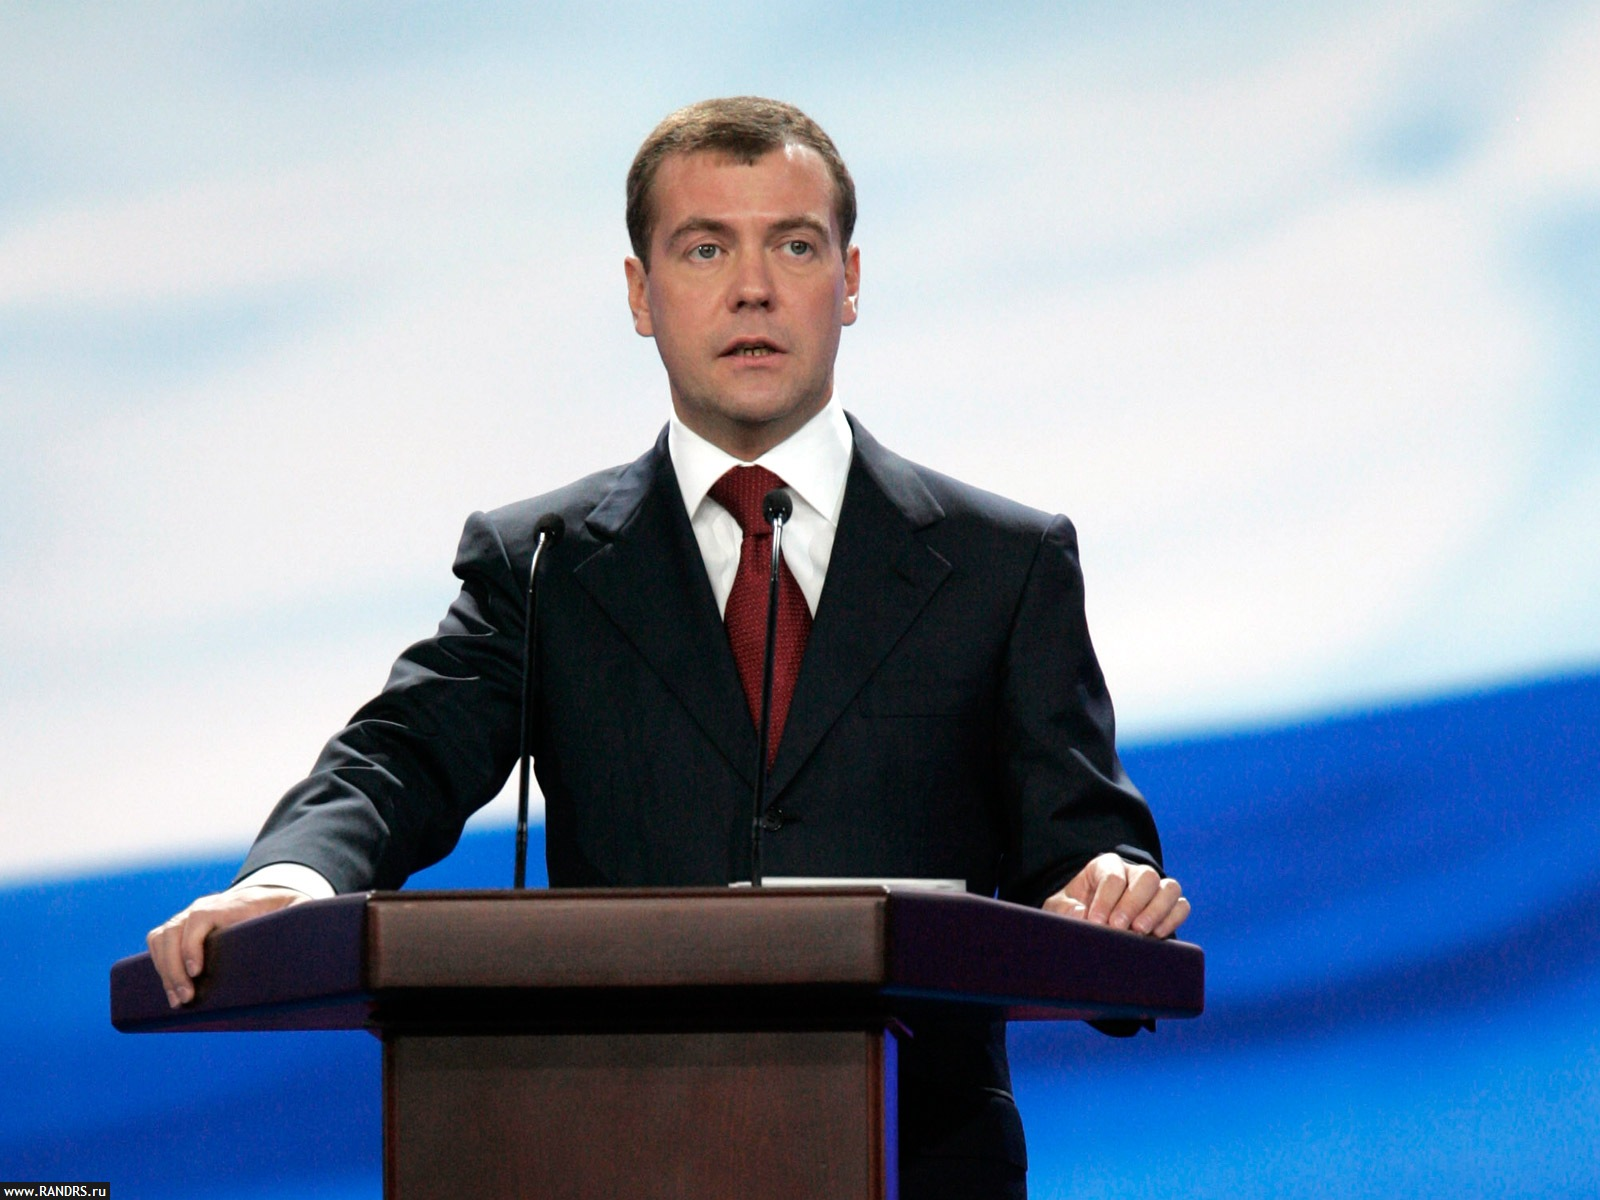 Д.А. Медведев направил российским спортсменам поздравления с завоеванием медалей Паралимпийских игр 2018 года в Пхенчхане